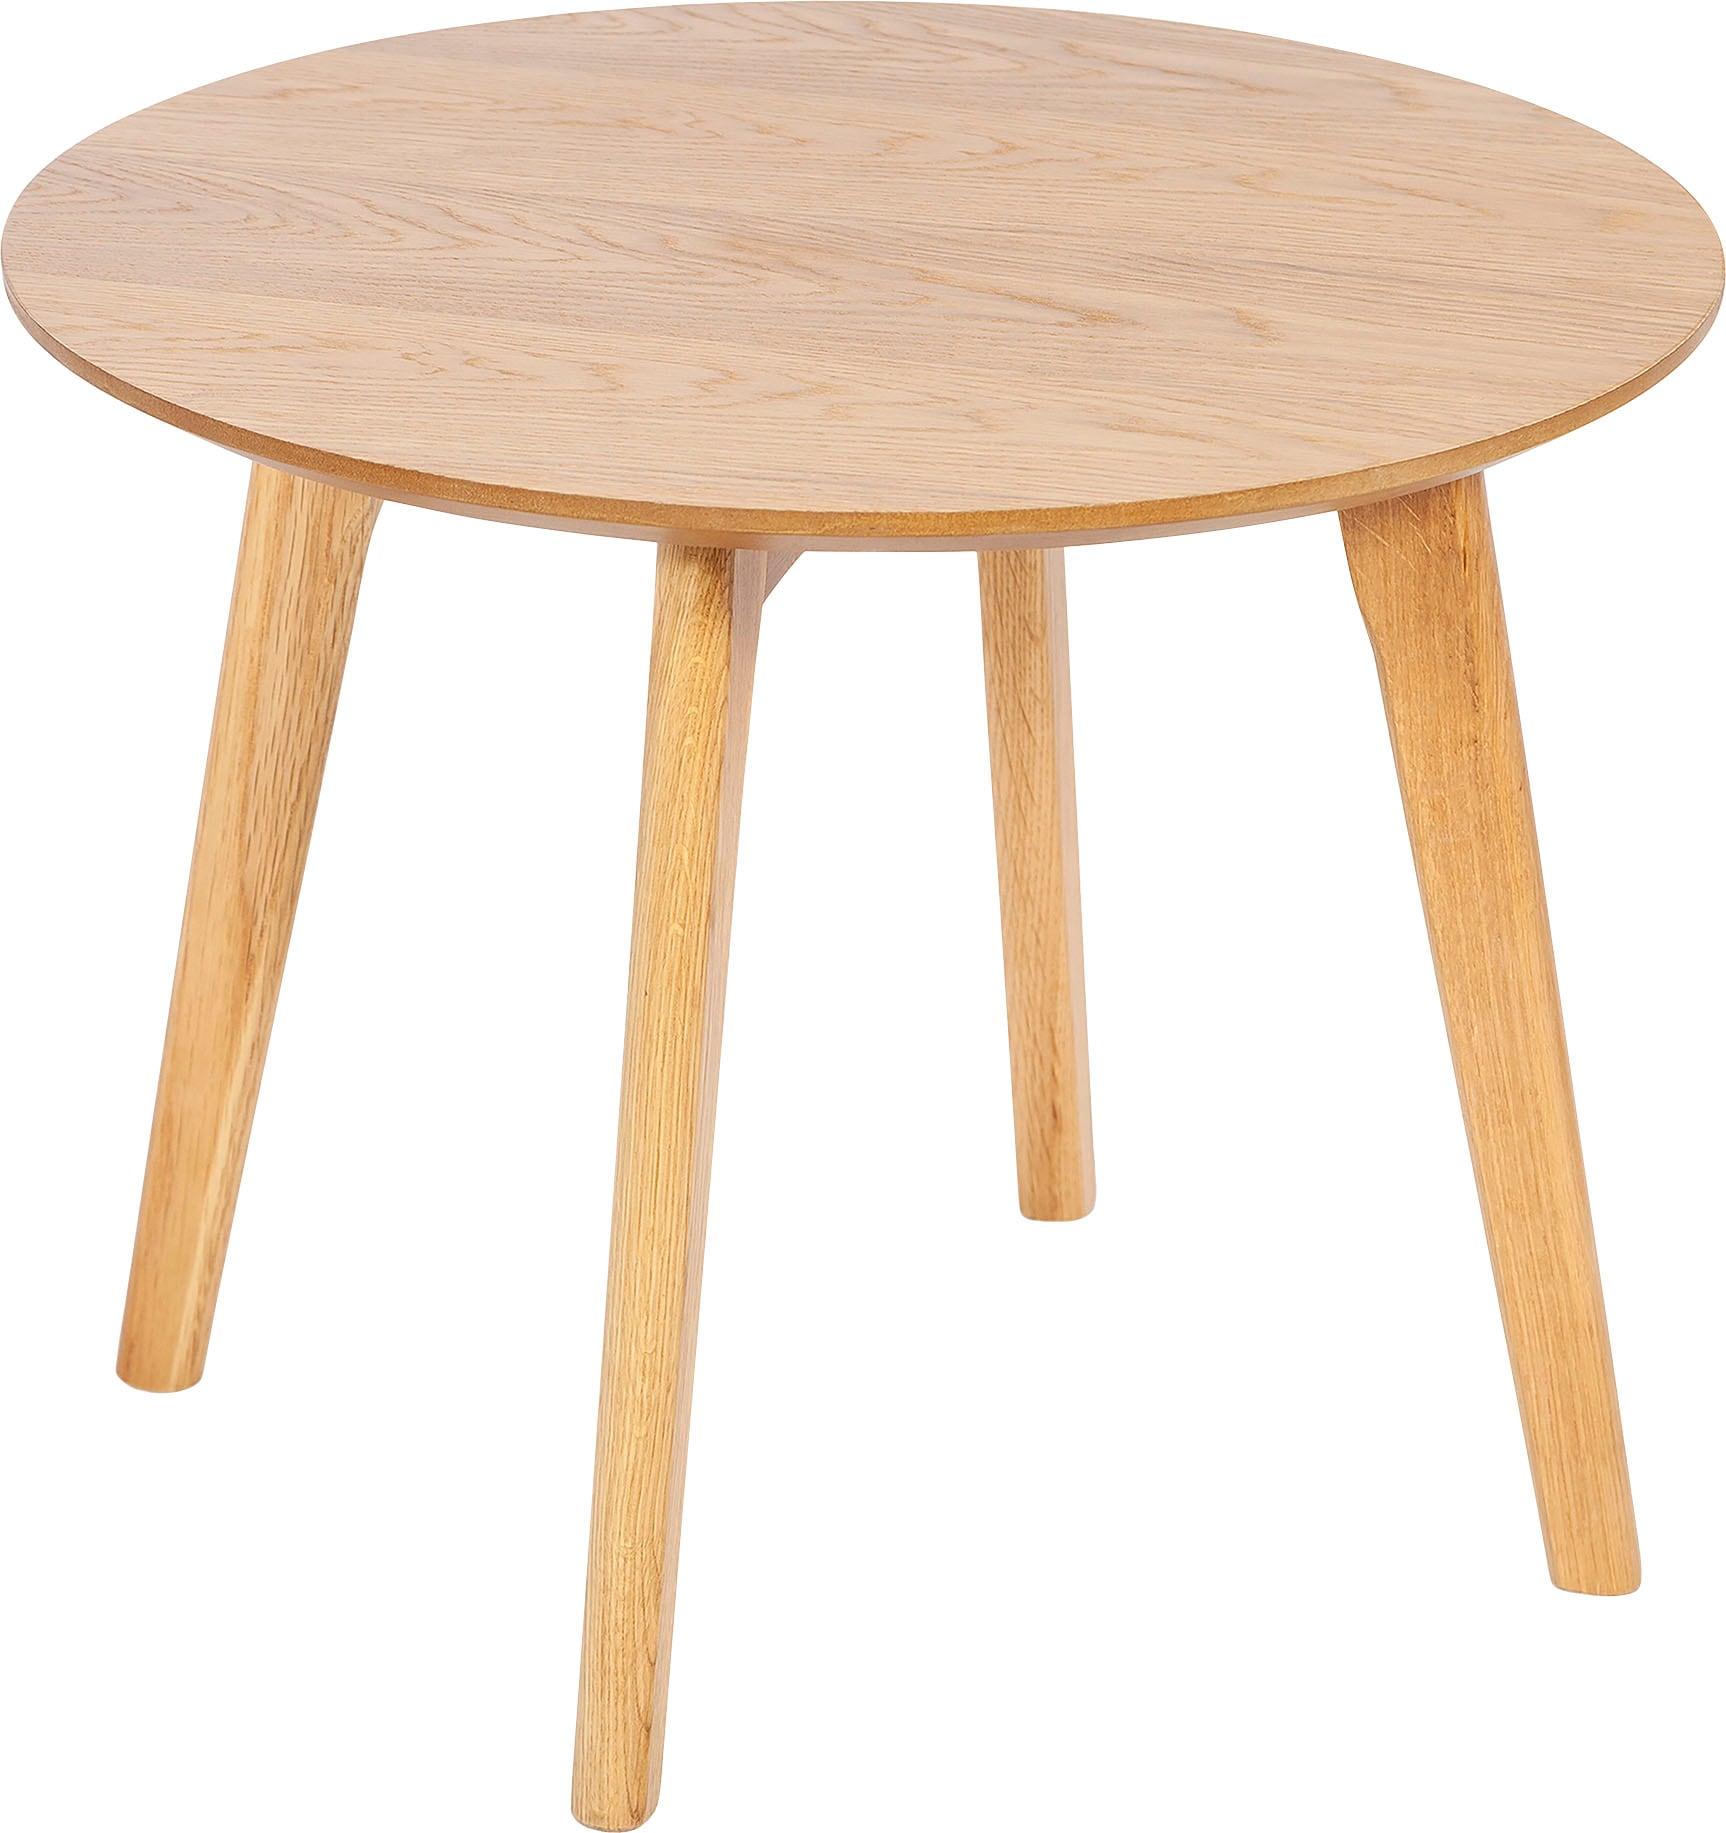 Homexperts Beistelltisch Lina, D 50 cm, rund, aus Massivholz Eiche beige Beistelltische Tische